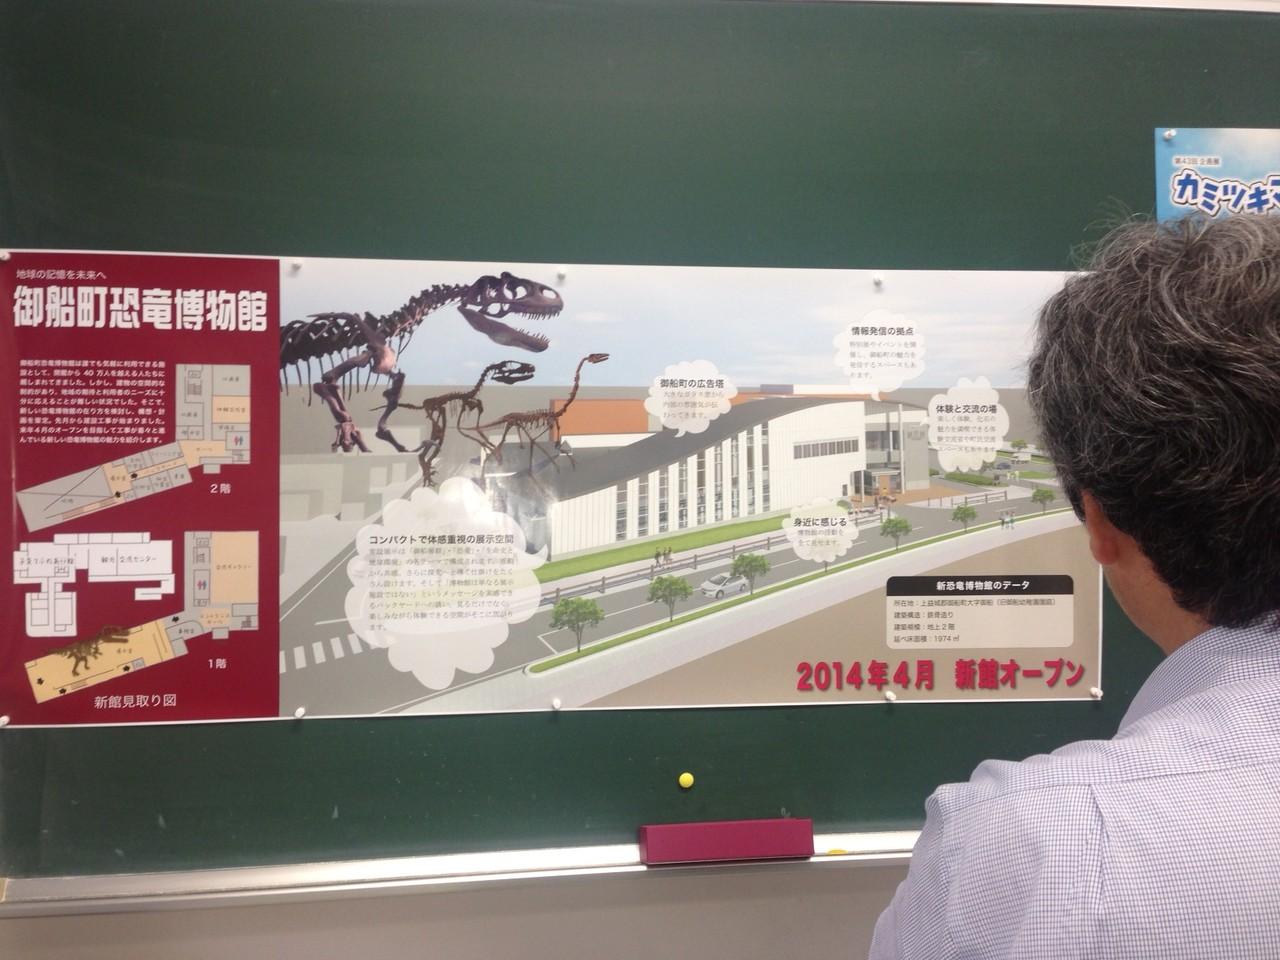 御船町恐竜博物館の横長ーいぽすたーも!